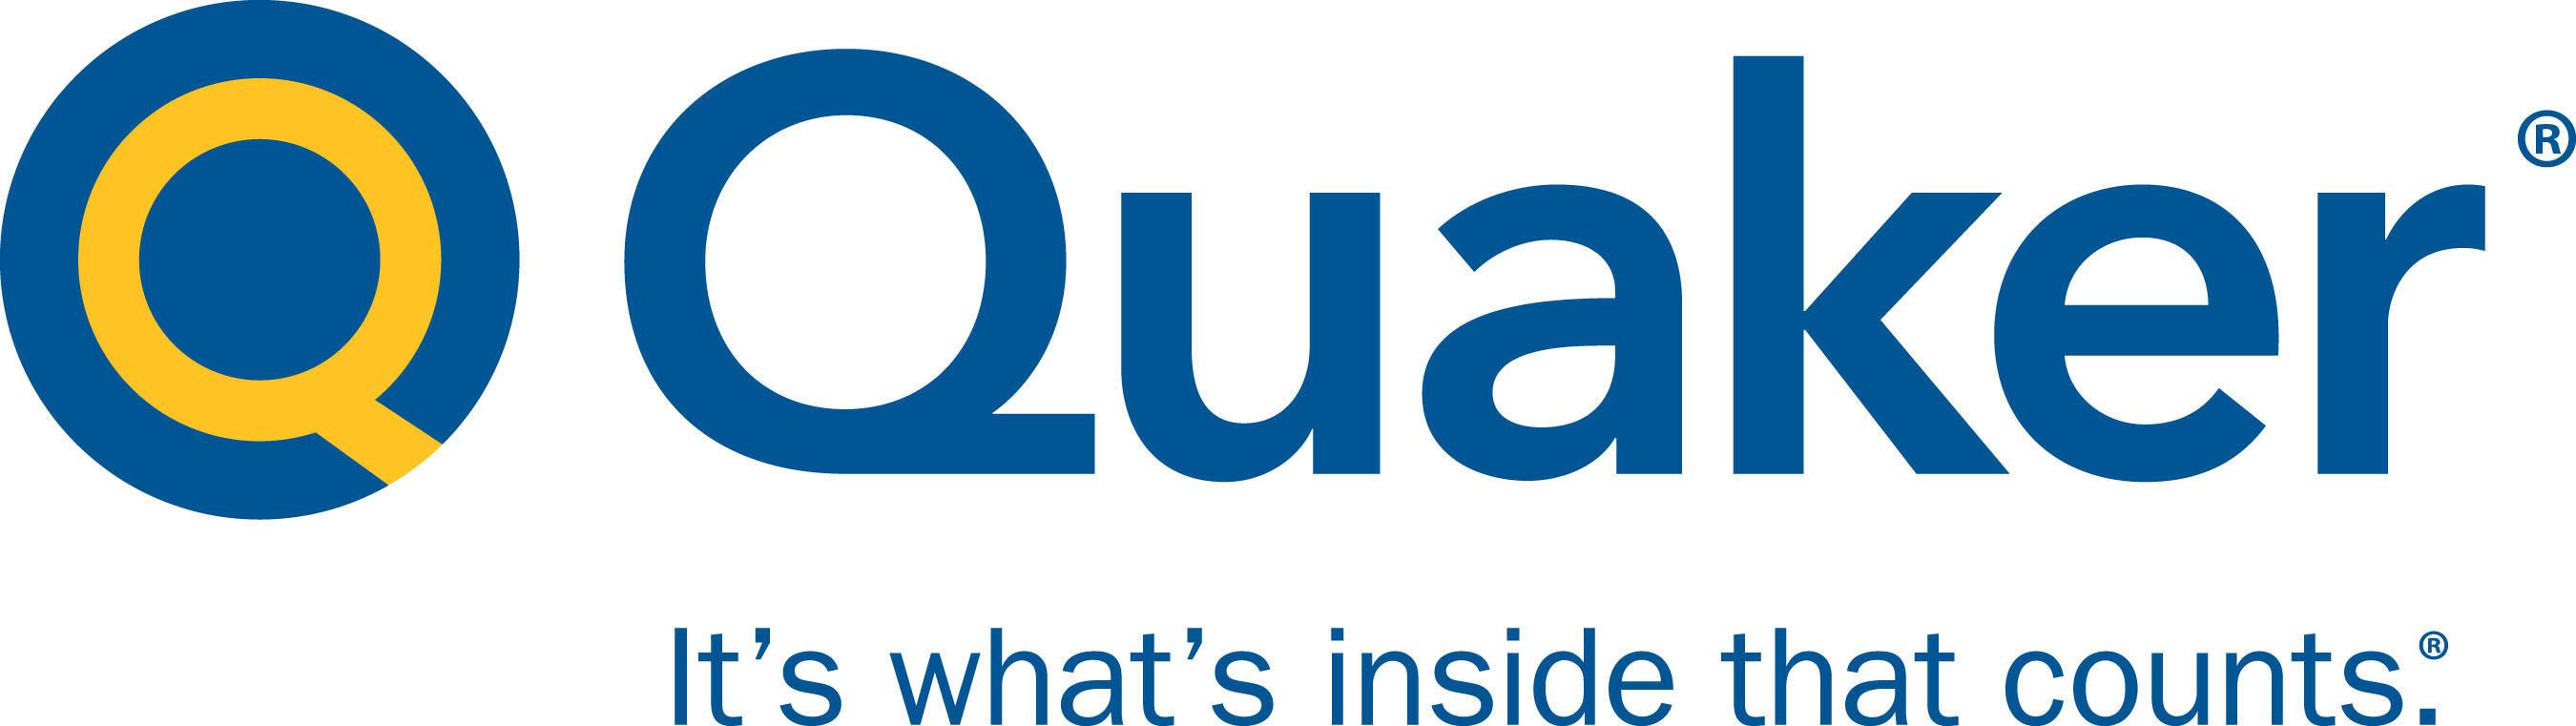 Quaker Chemical logo.